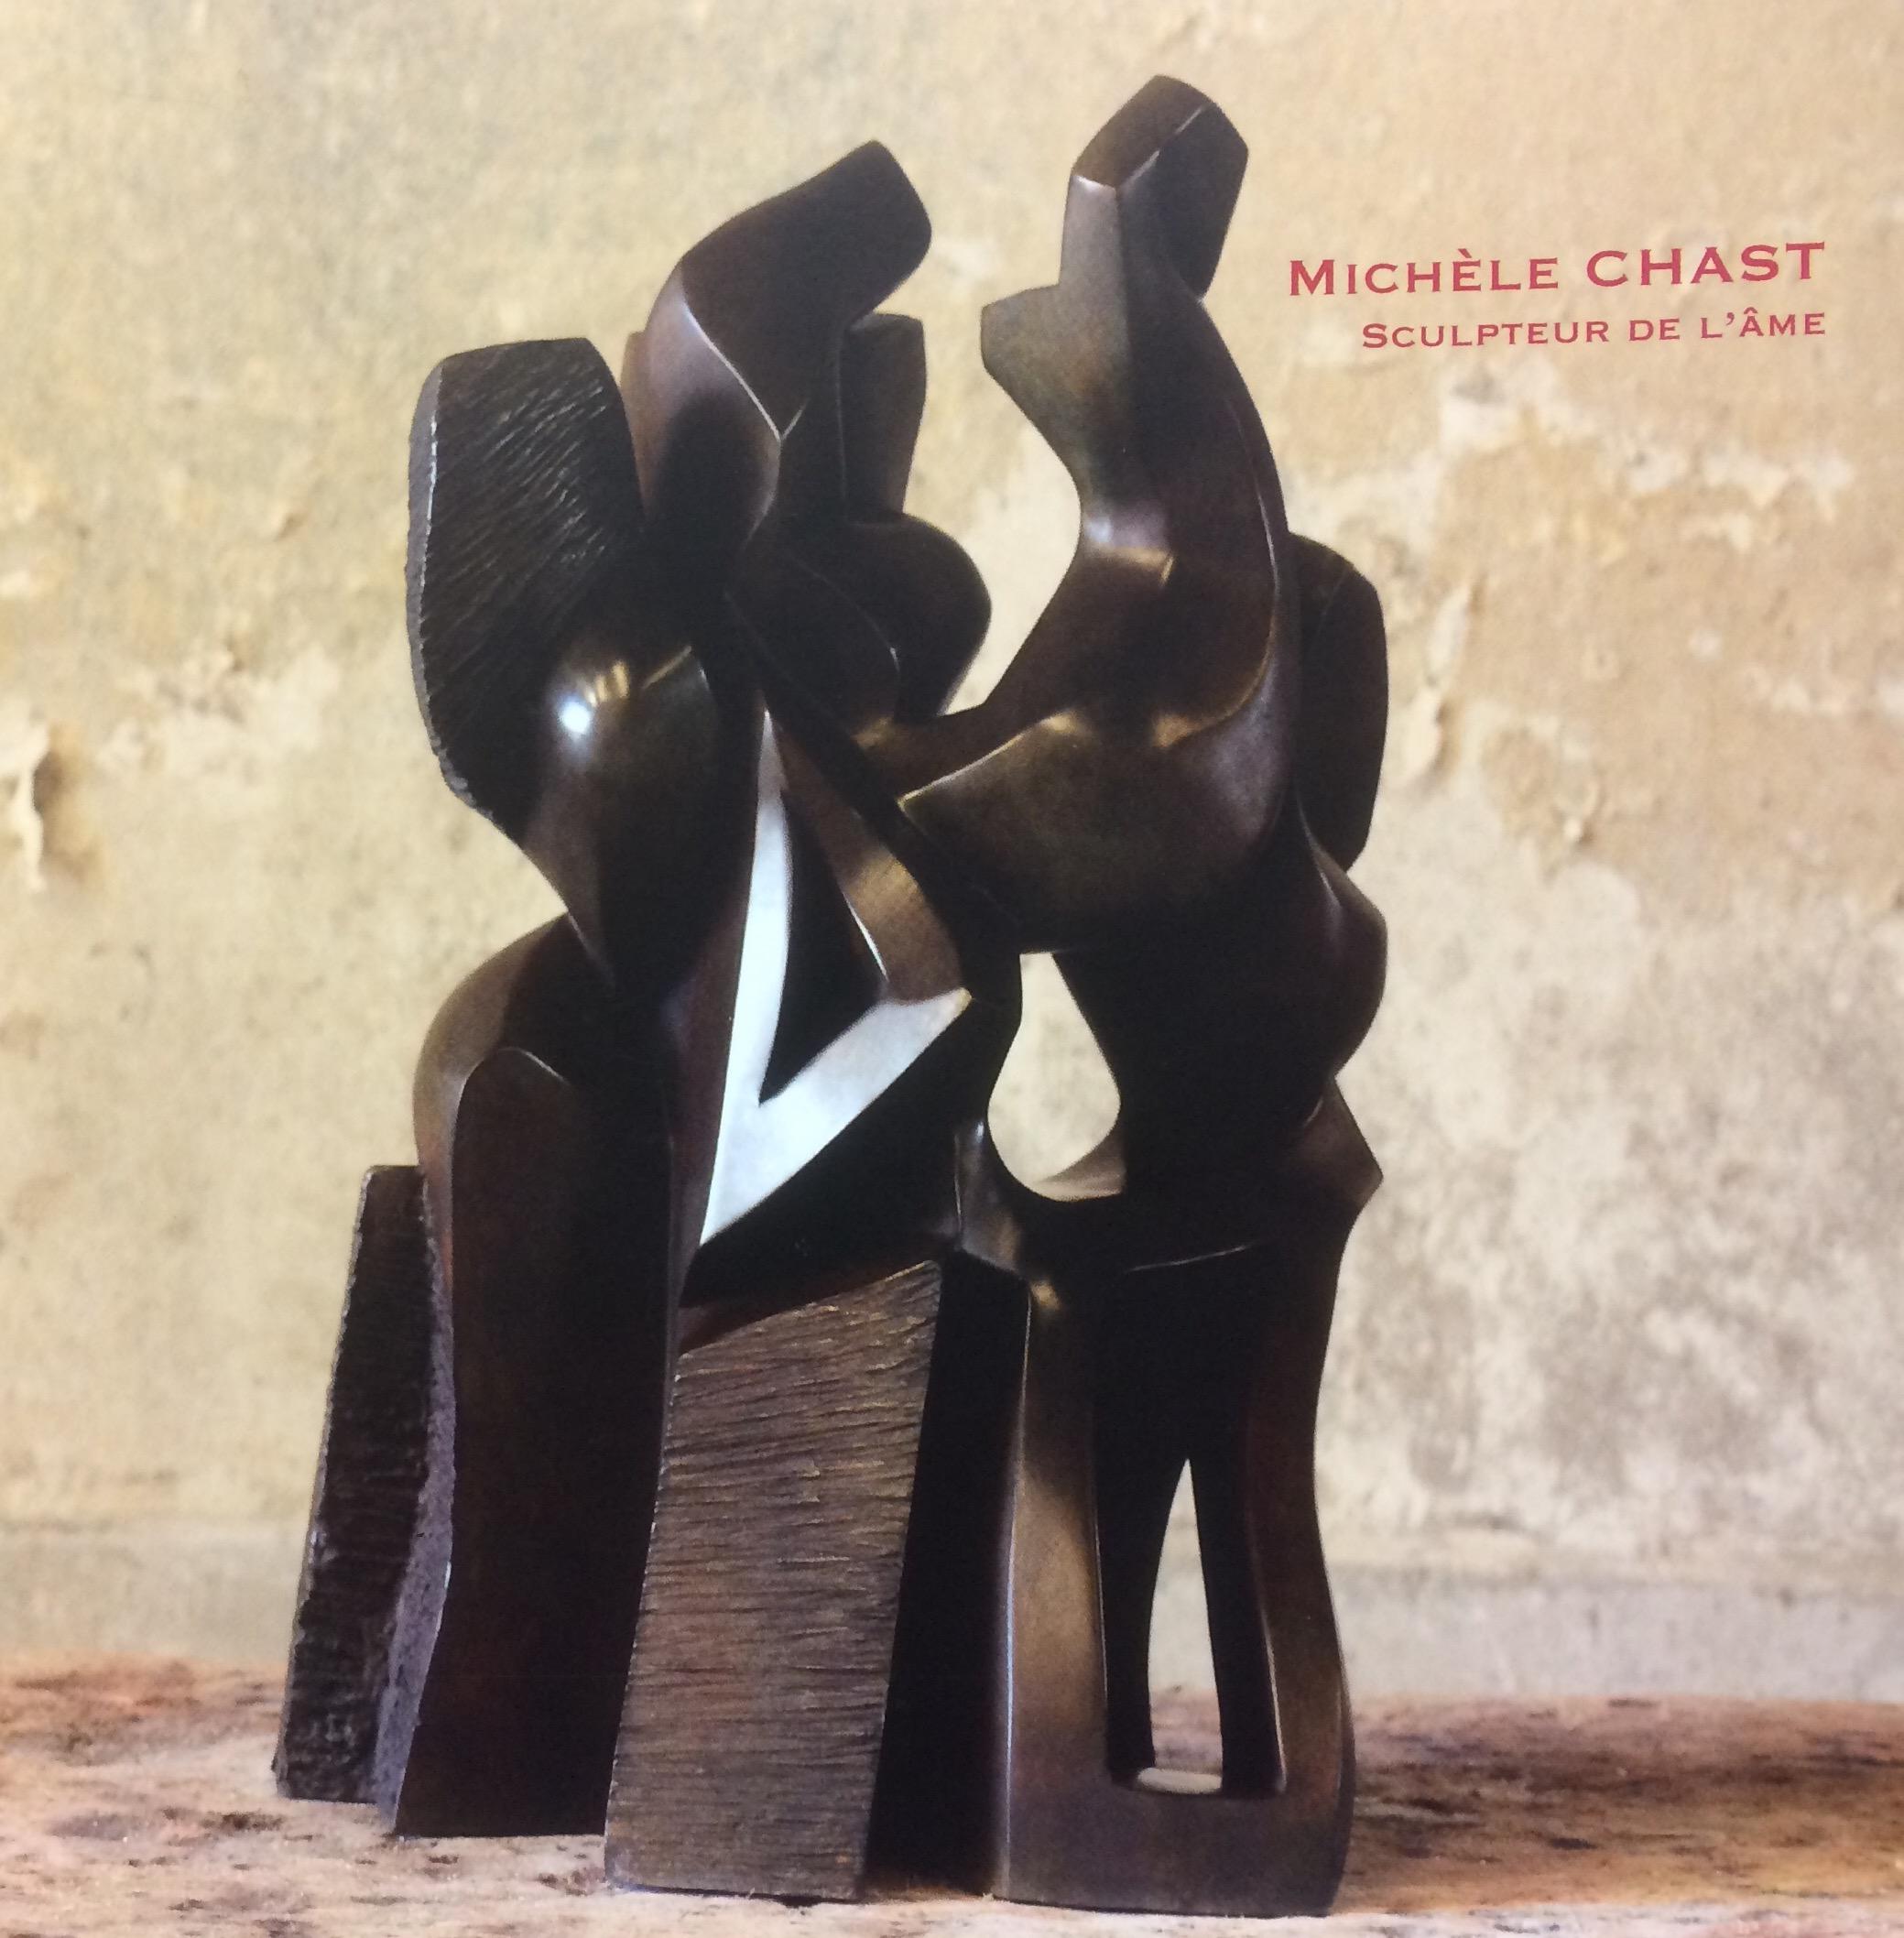 Exposition Michèle Chast Sculpteur de l'âme Galerie Martel-Greiner Paris